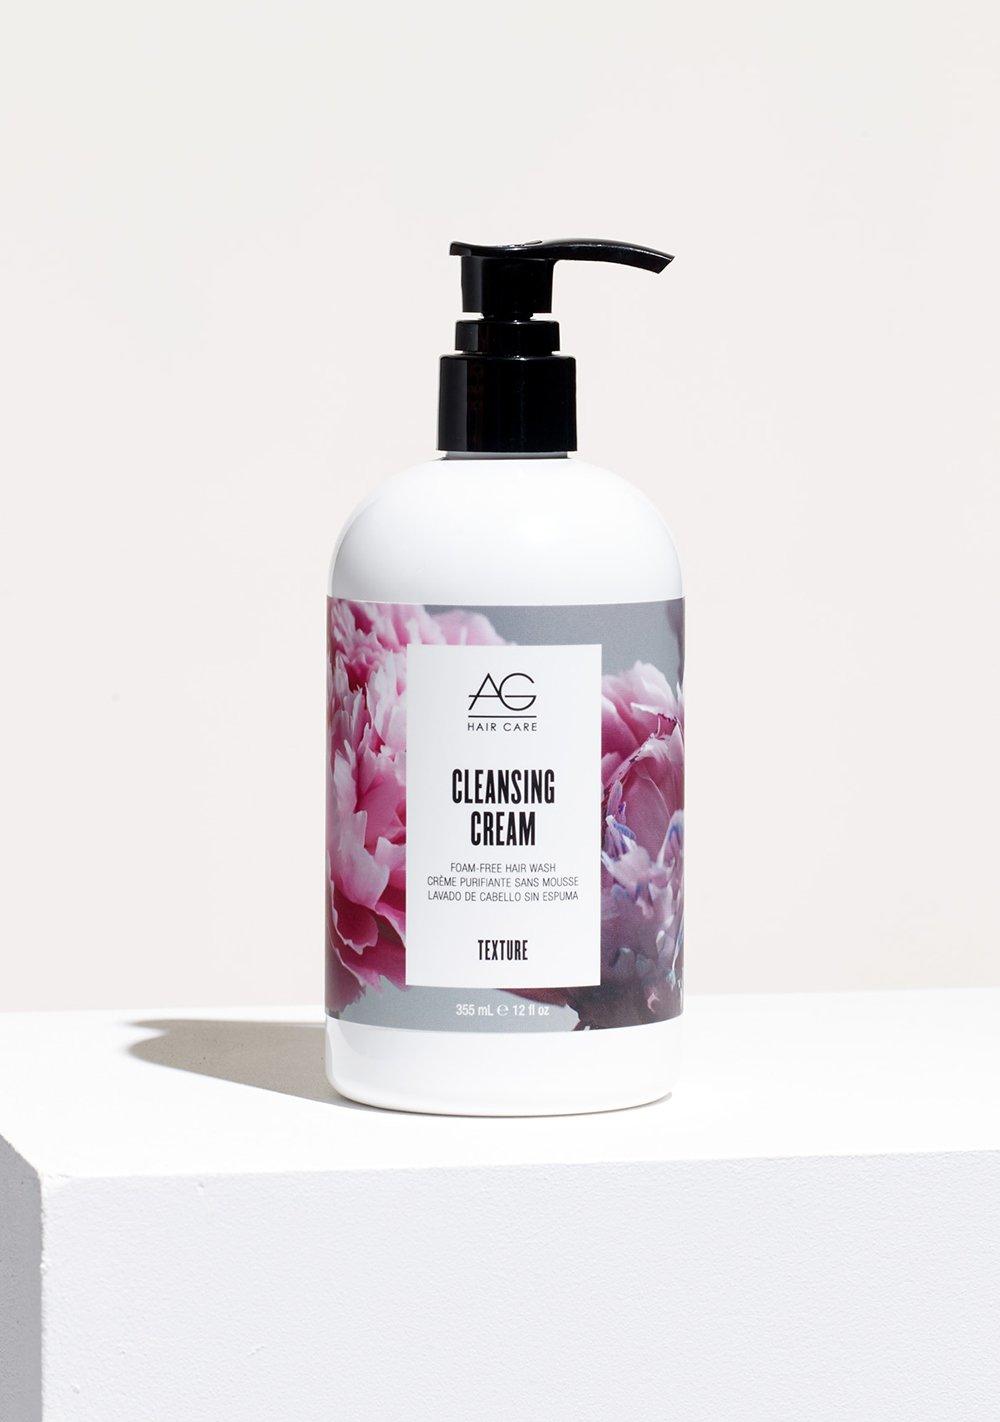 aghair.com - CLEANSING CREAM foam-free hair wash